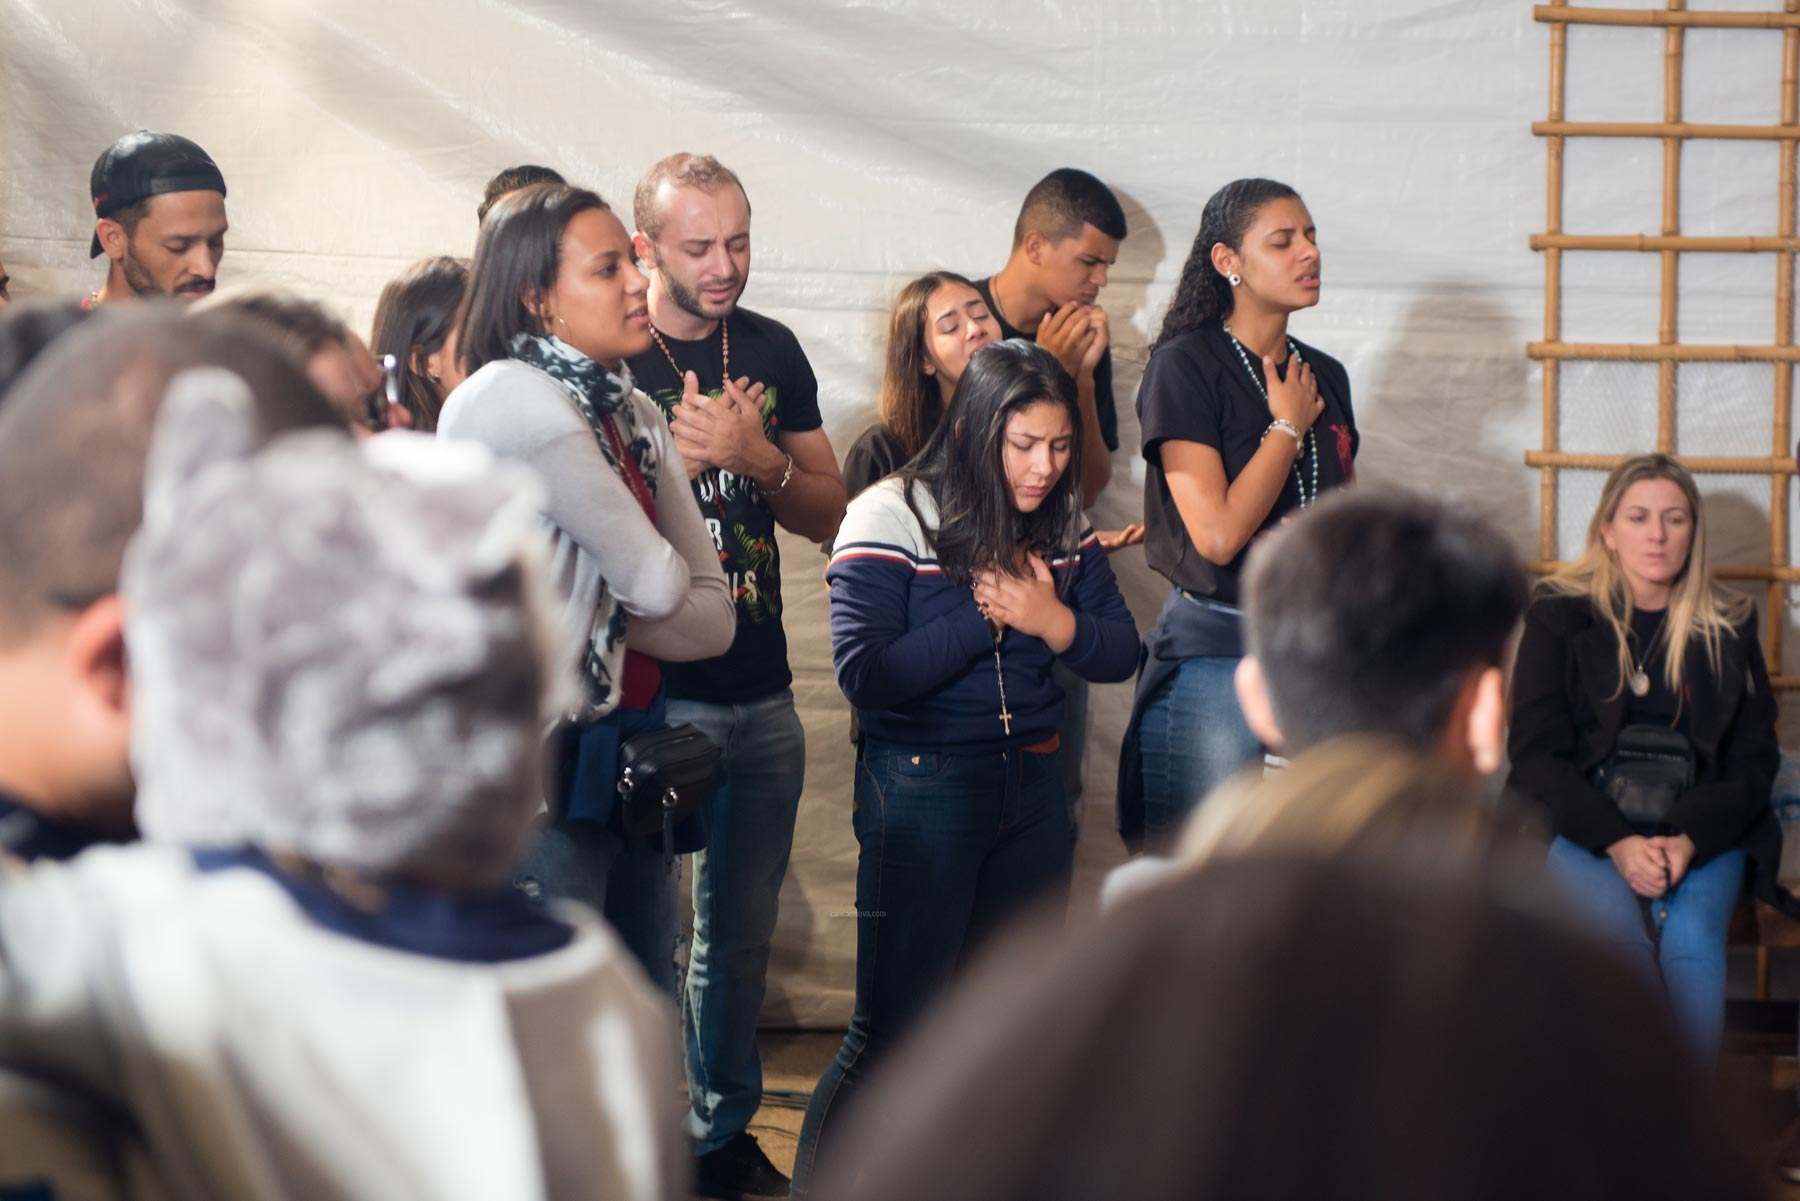 Chacara-santa-cruz--foto-Wesley-Almeida-(15)